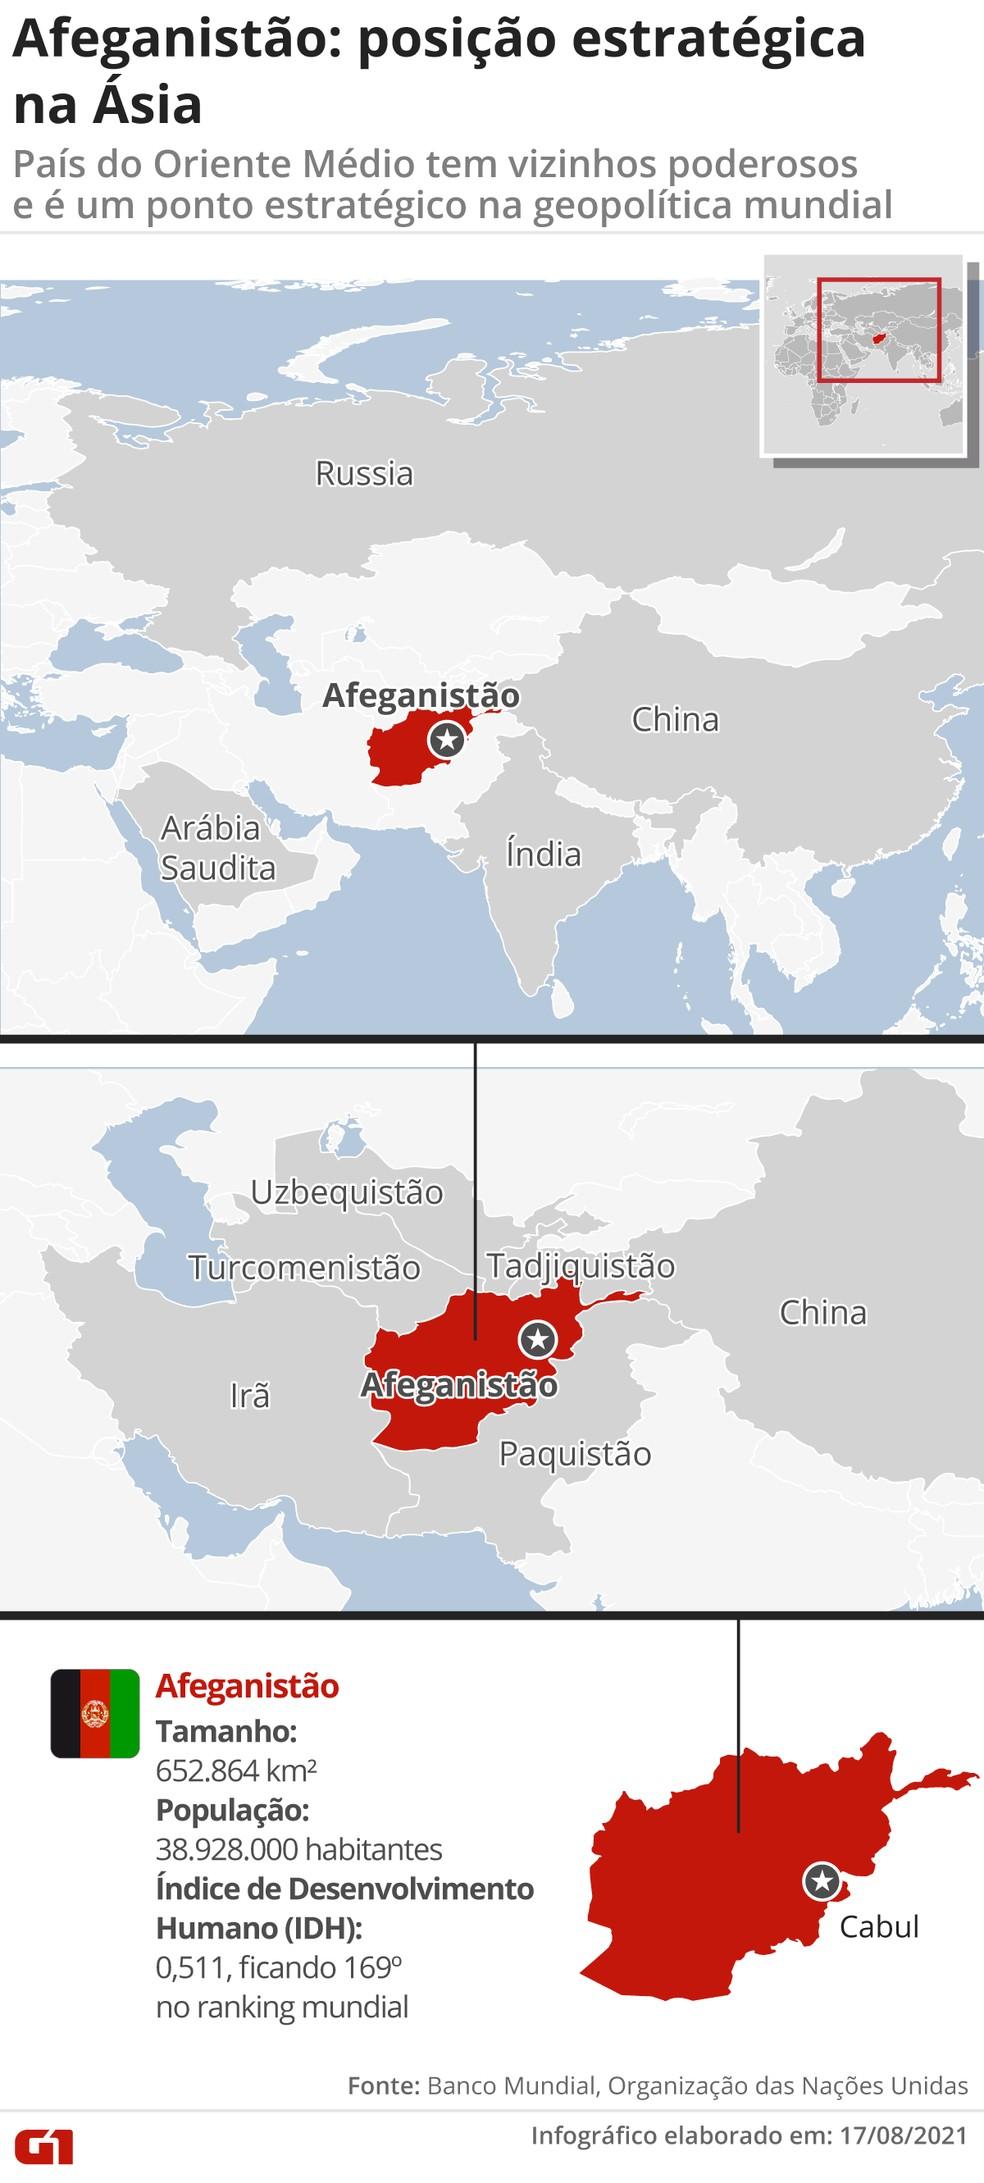 Afeganistão posição estratégica na Ásia — Foto: G1/Arte